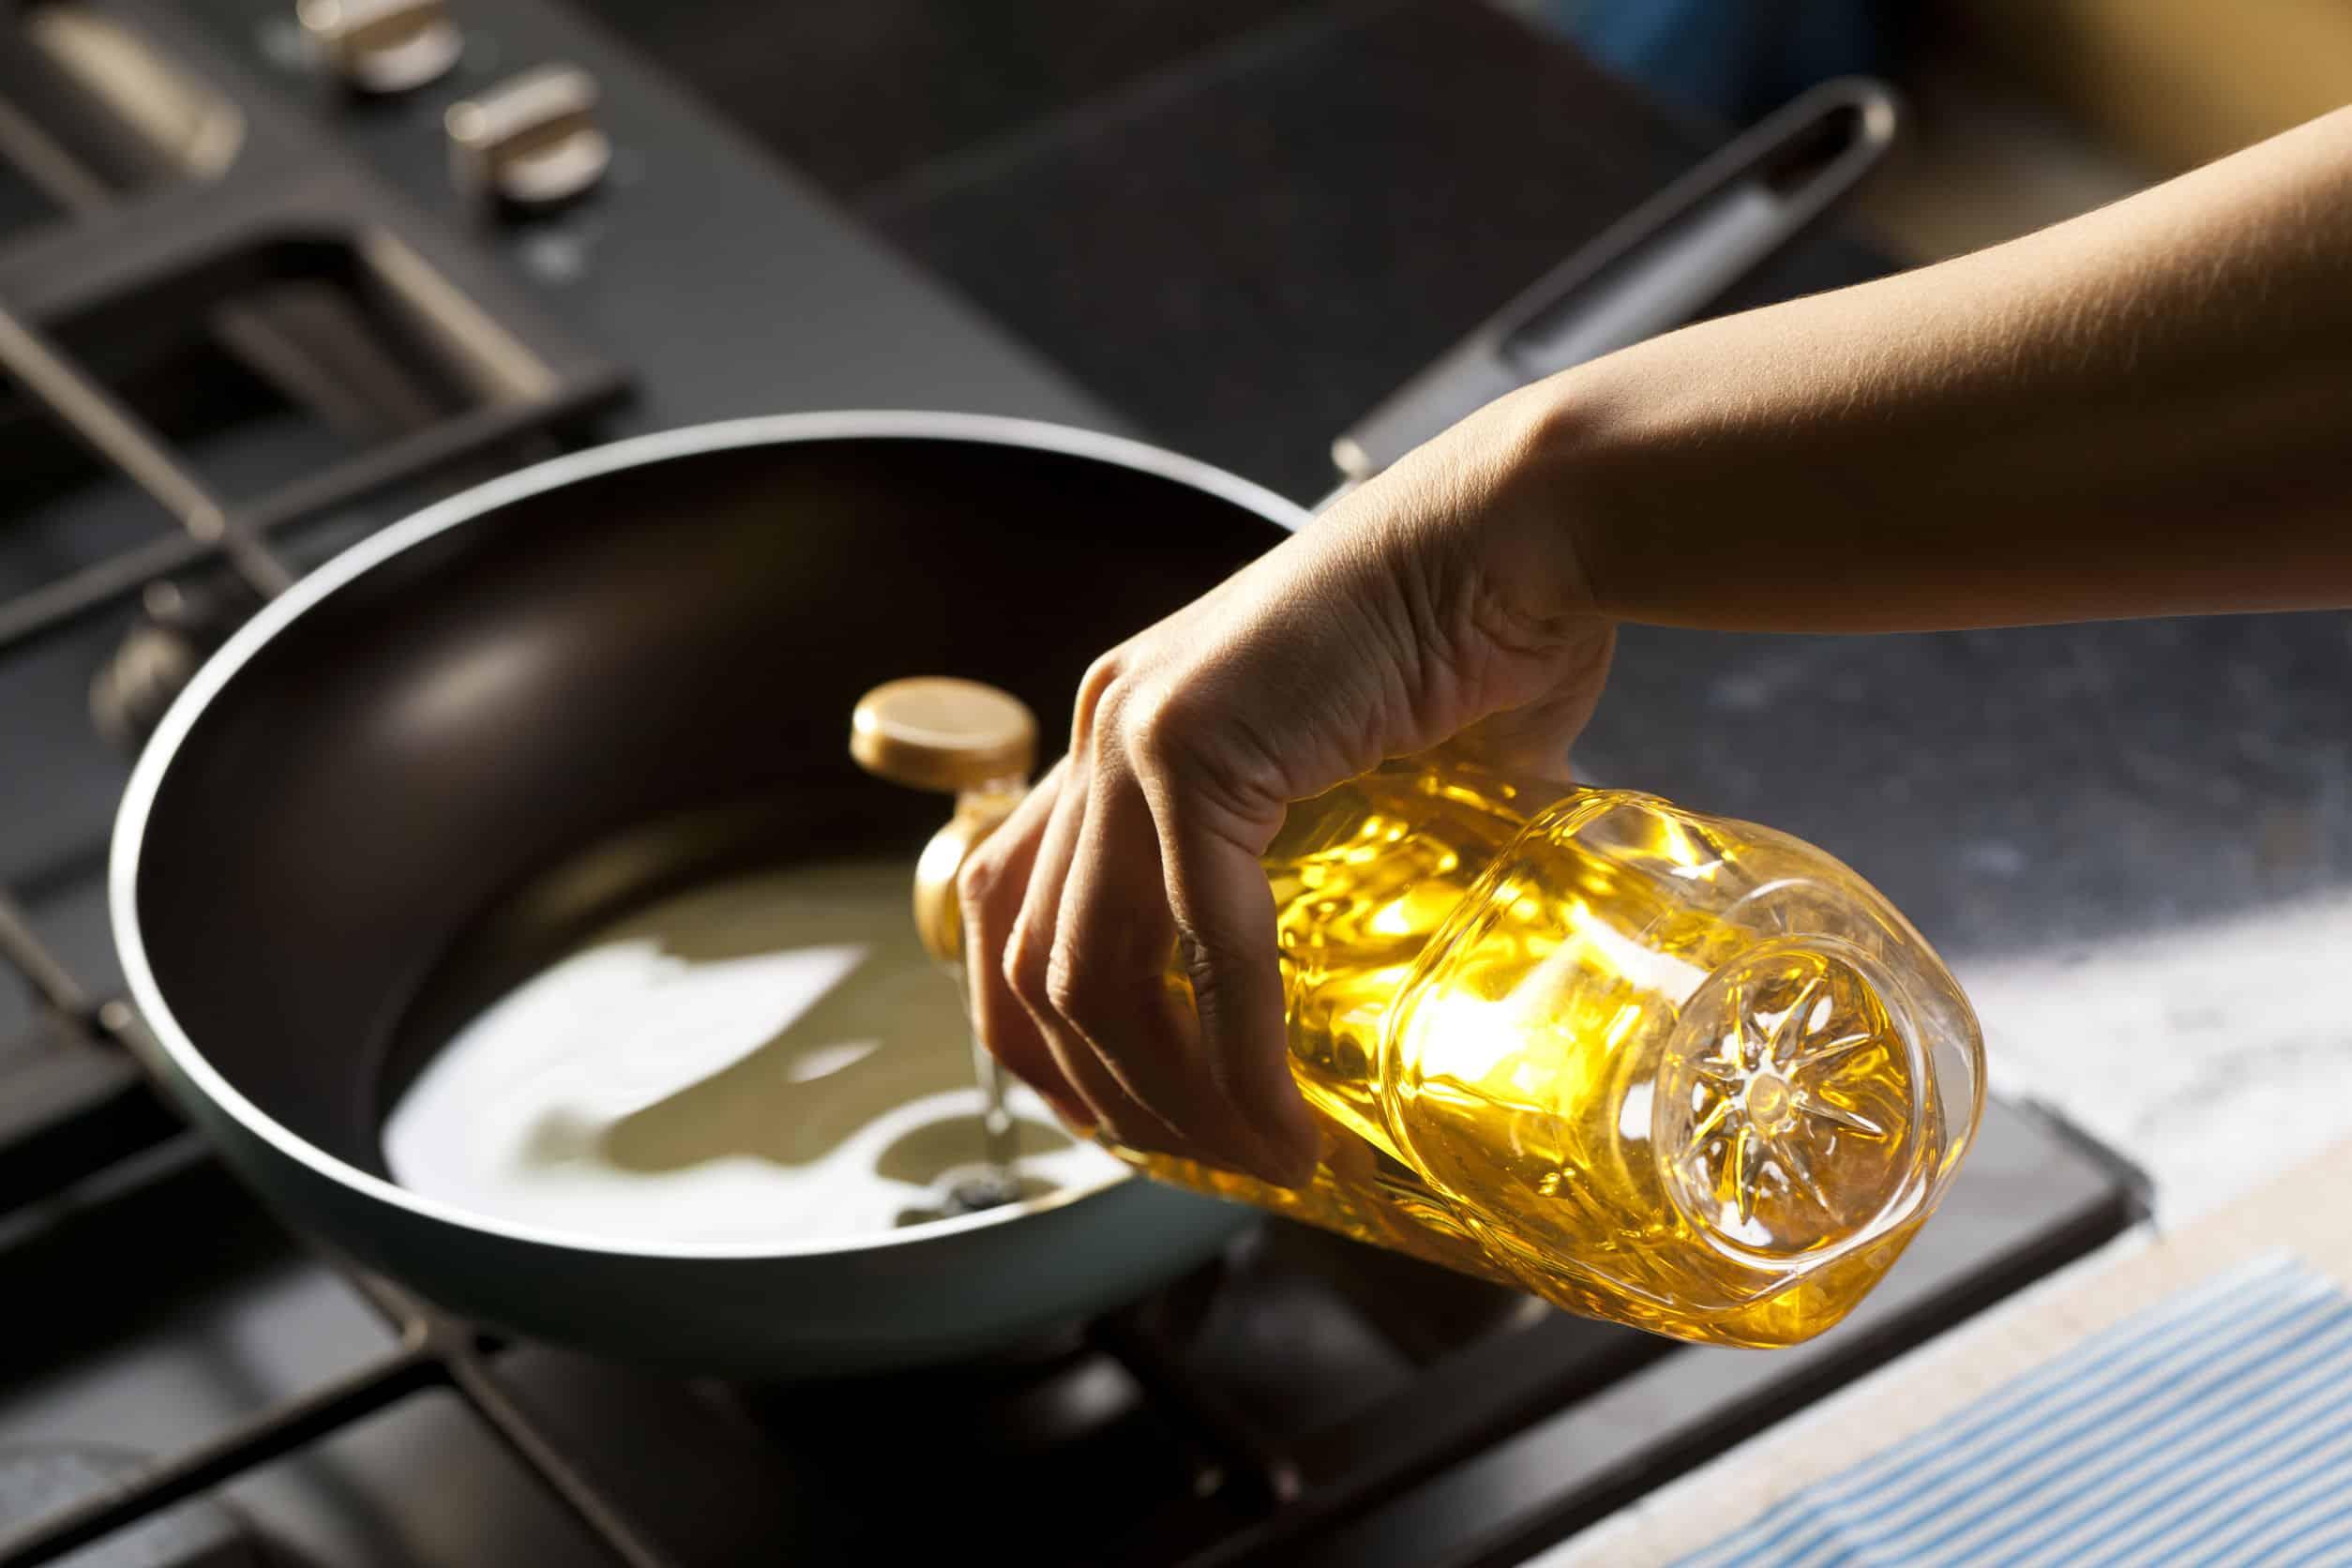 Öl zum Braten: Alle Fragen und Antworten